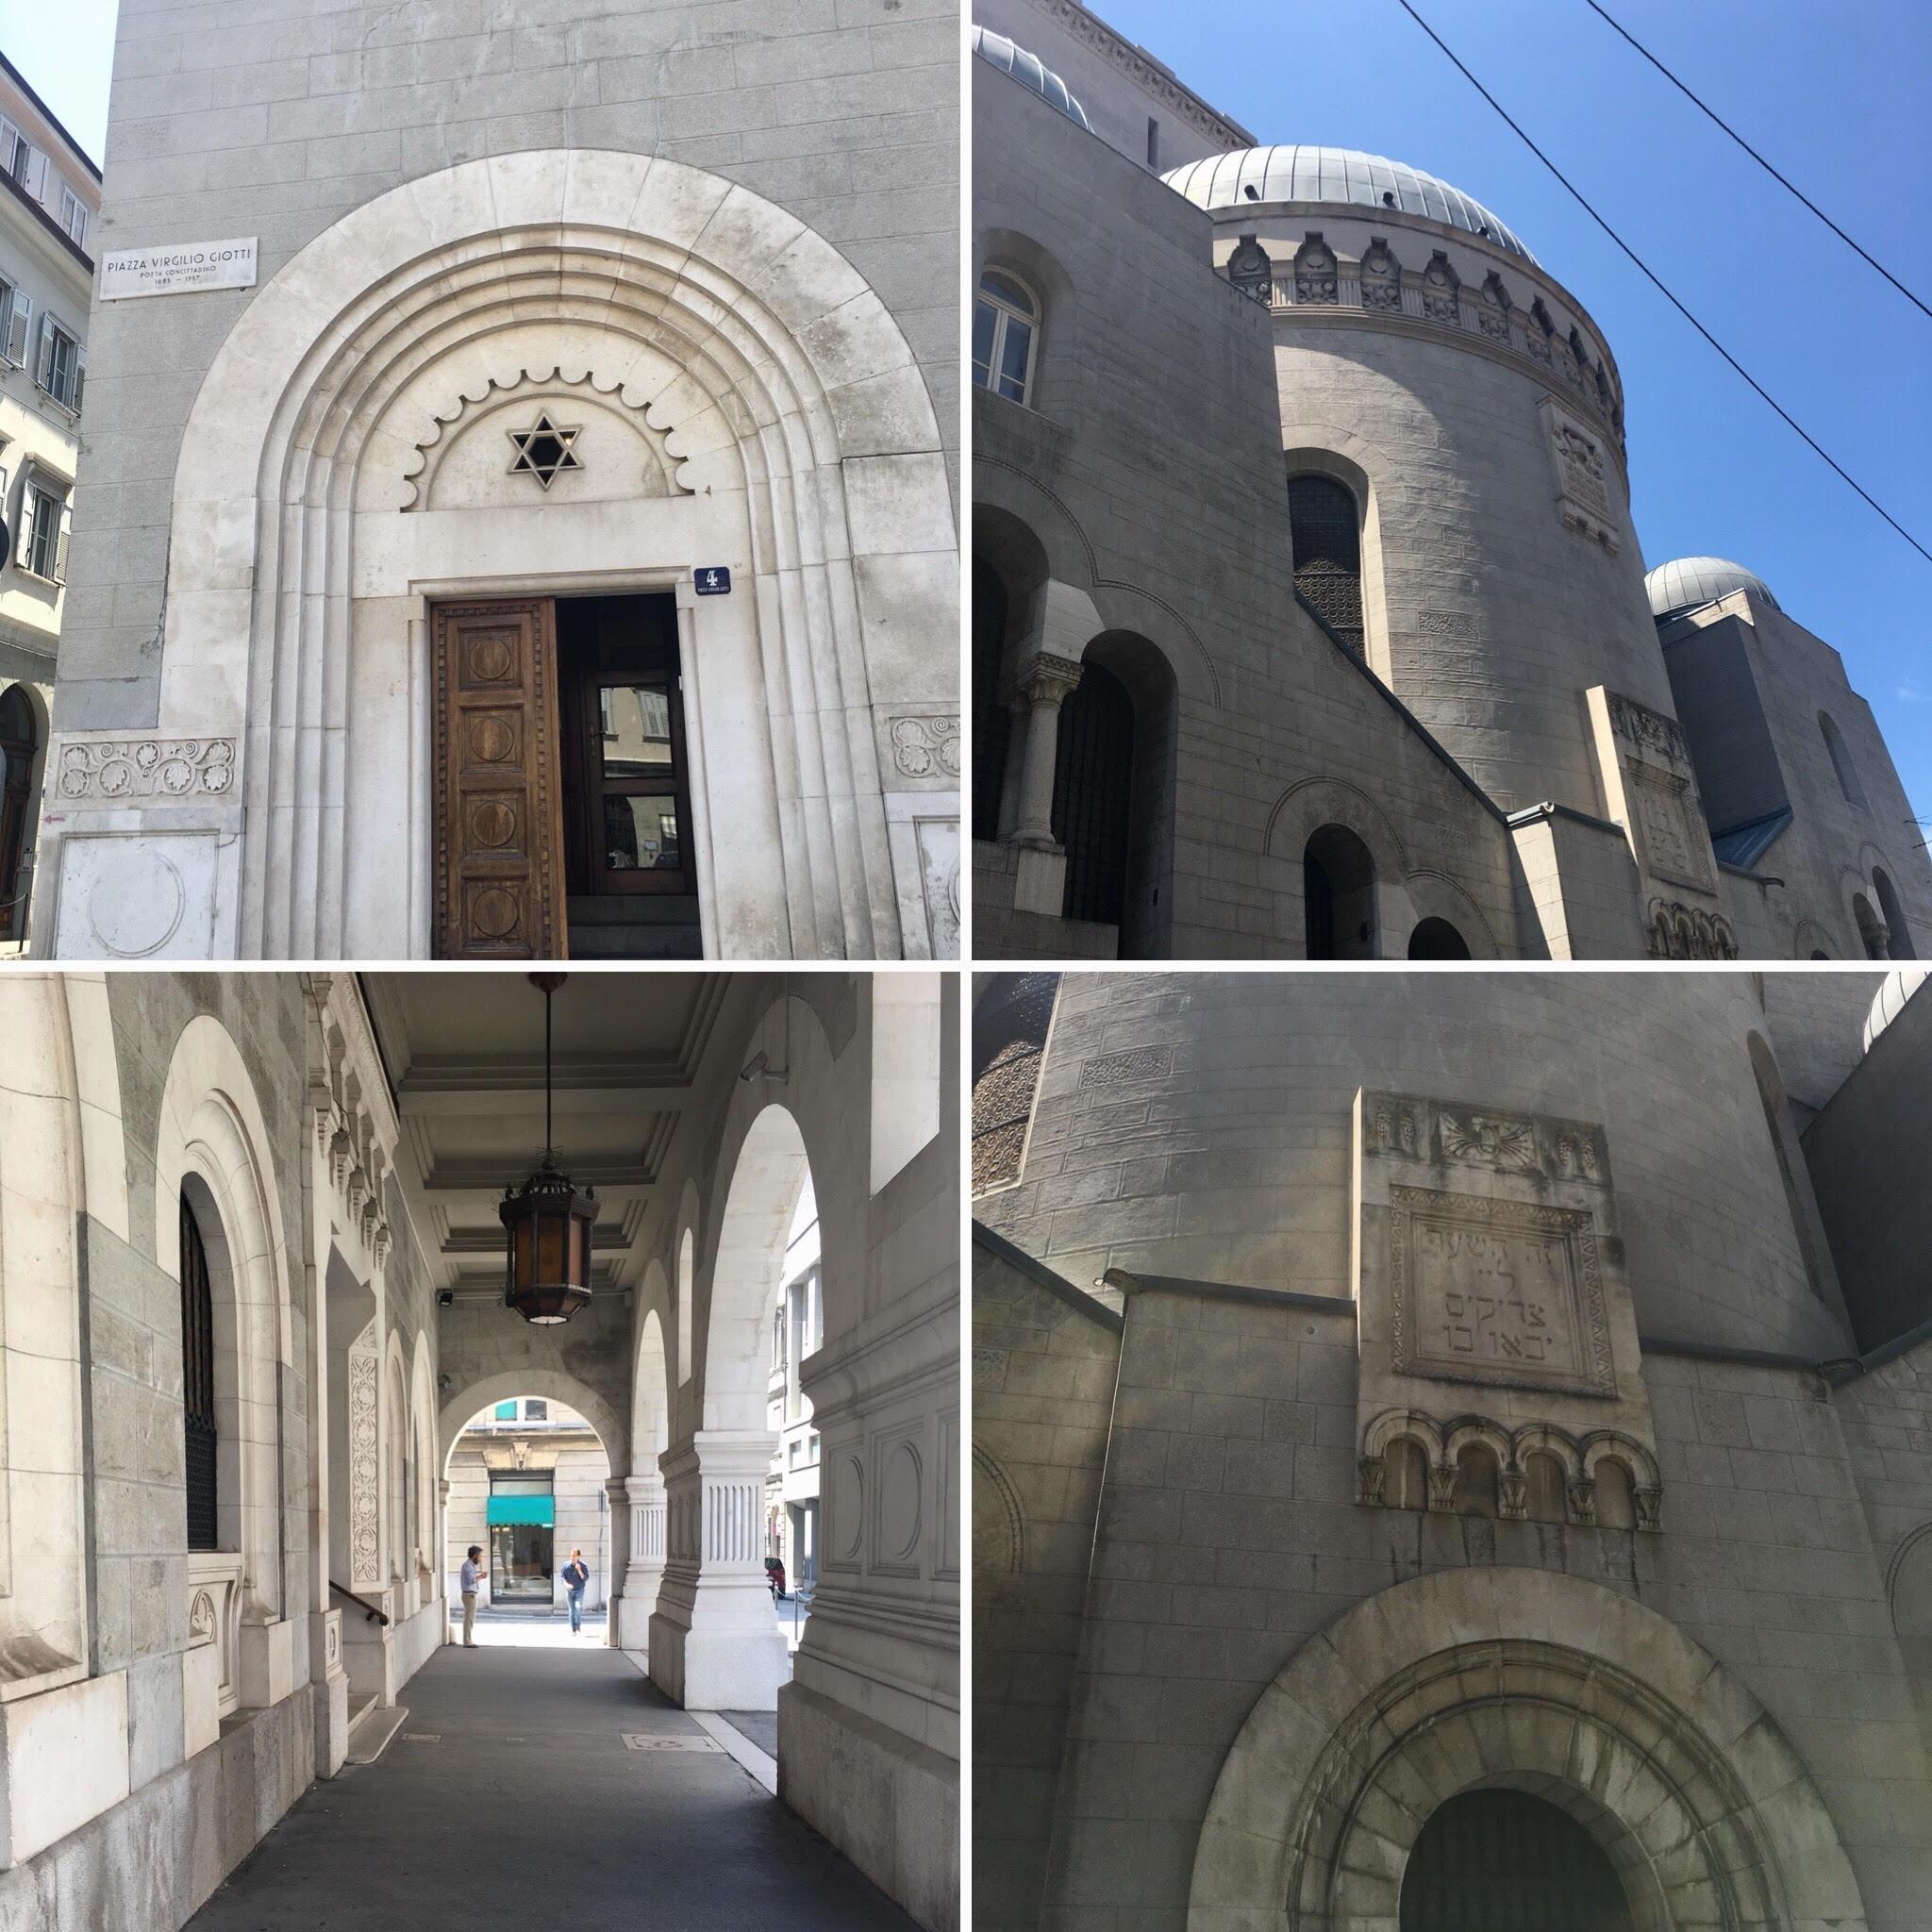 בית הכנסת של טריאסטה (צילום: הילי ברוק בלום)